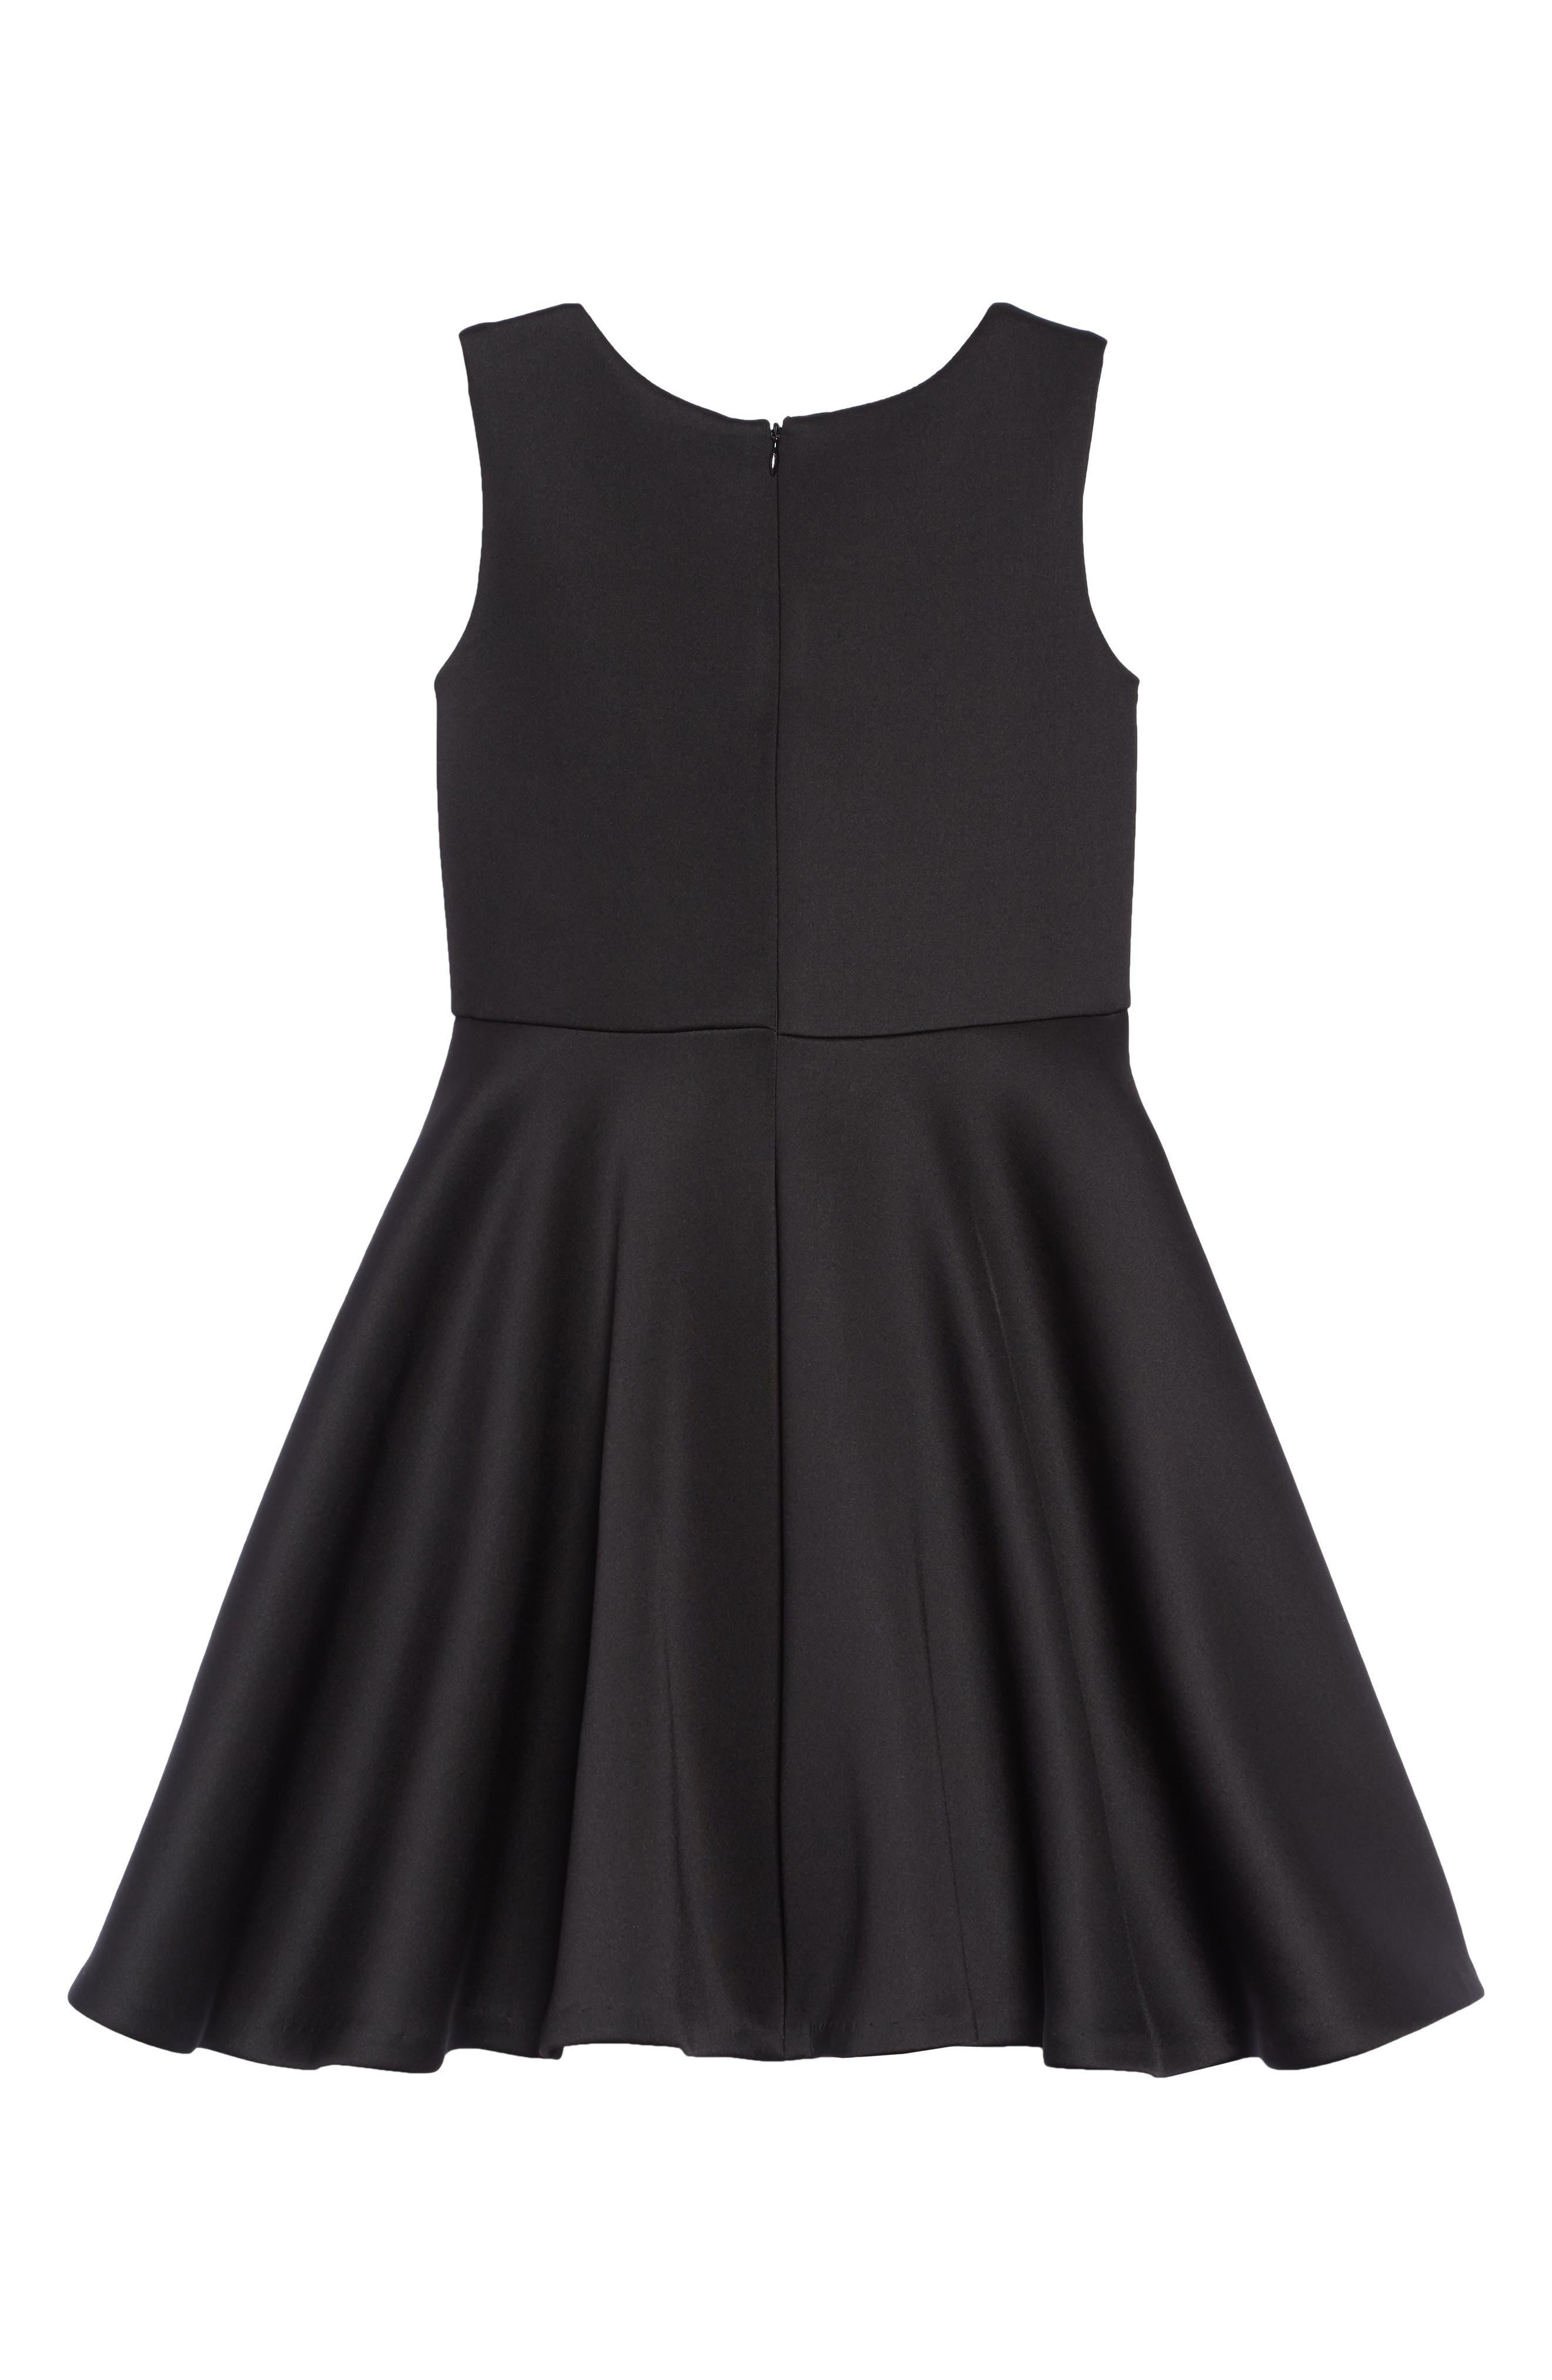 Scuba Tank Dress,                             Alternate thumbnail 2, color,                             BLACK